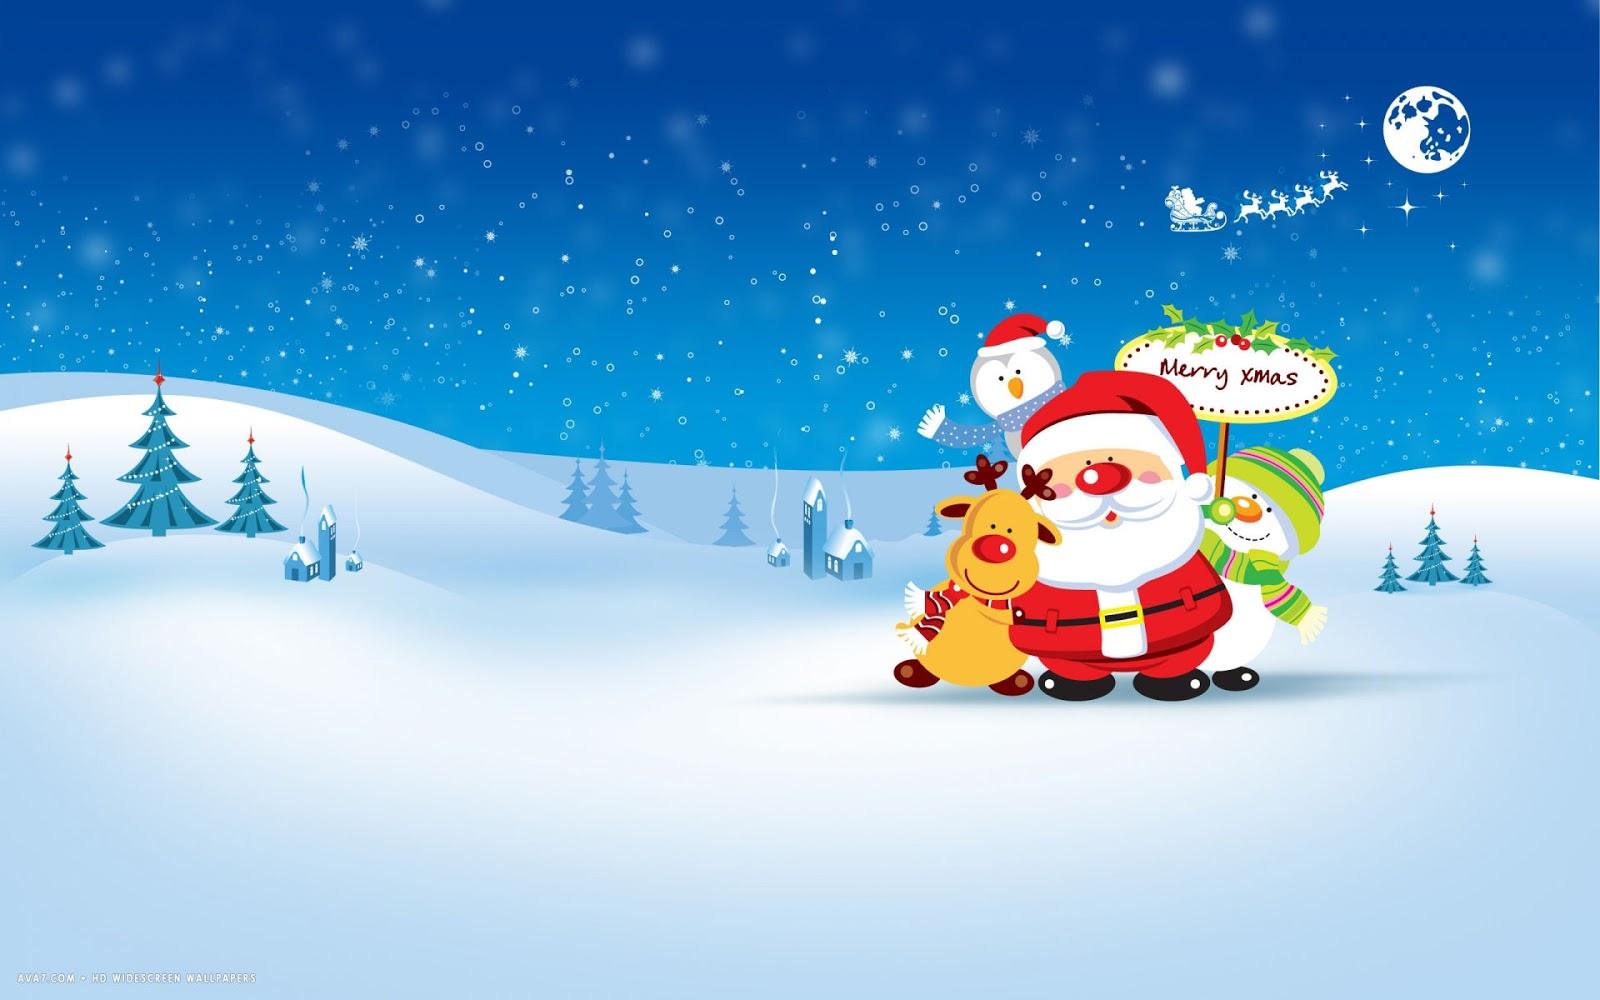 dessin joyeux noel 2018 Joyeux Noël 2018 Dessin dessin joyeux noel 2018